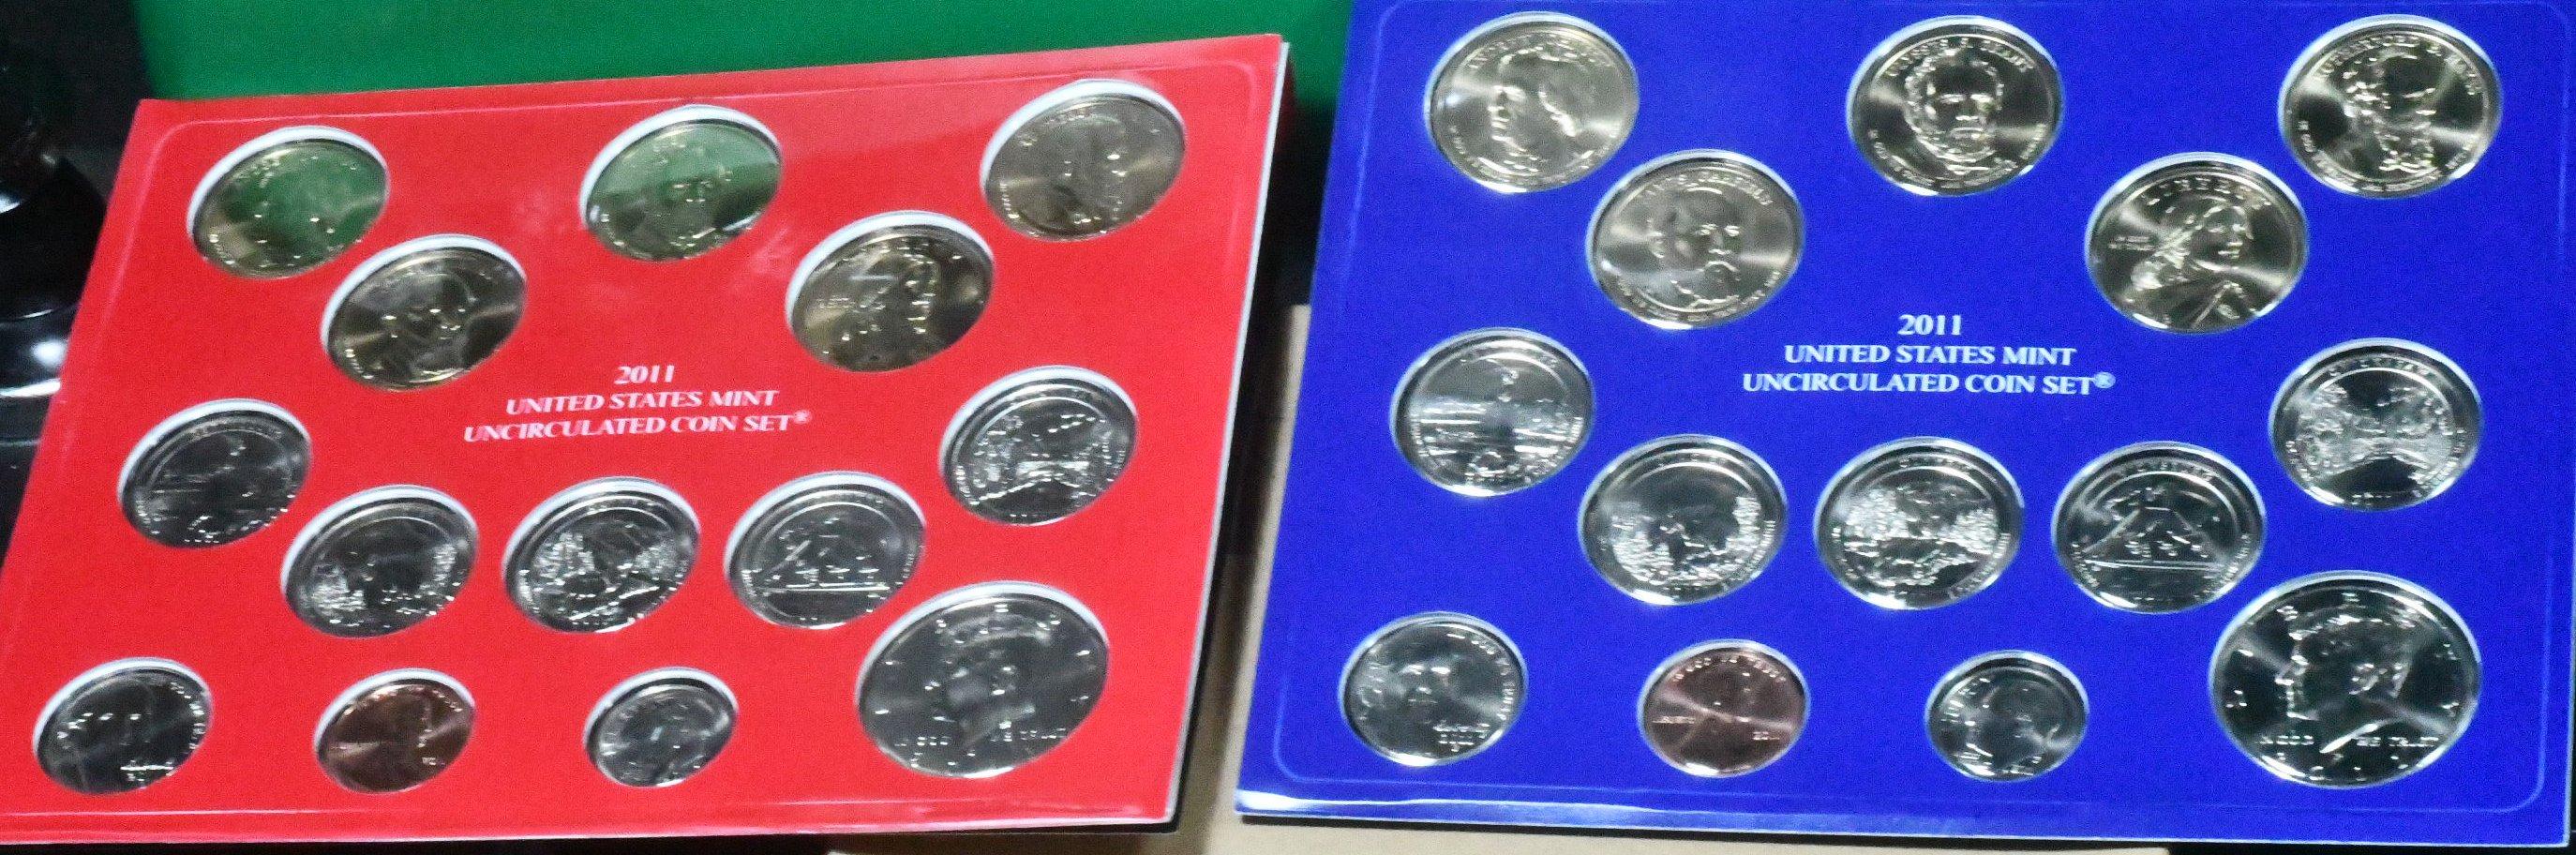 2011 P & D Mint Set for sale.